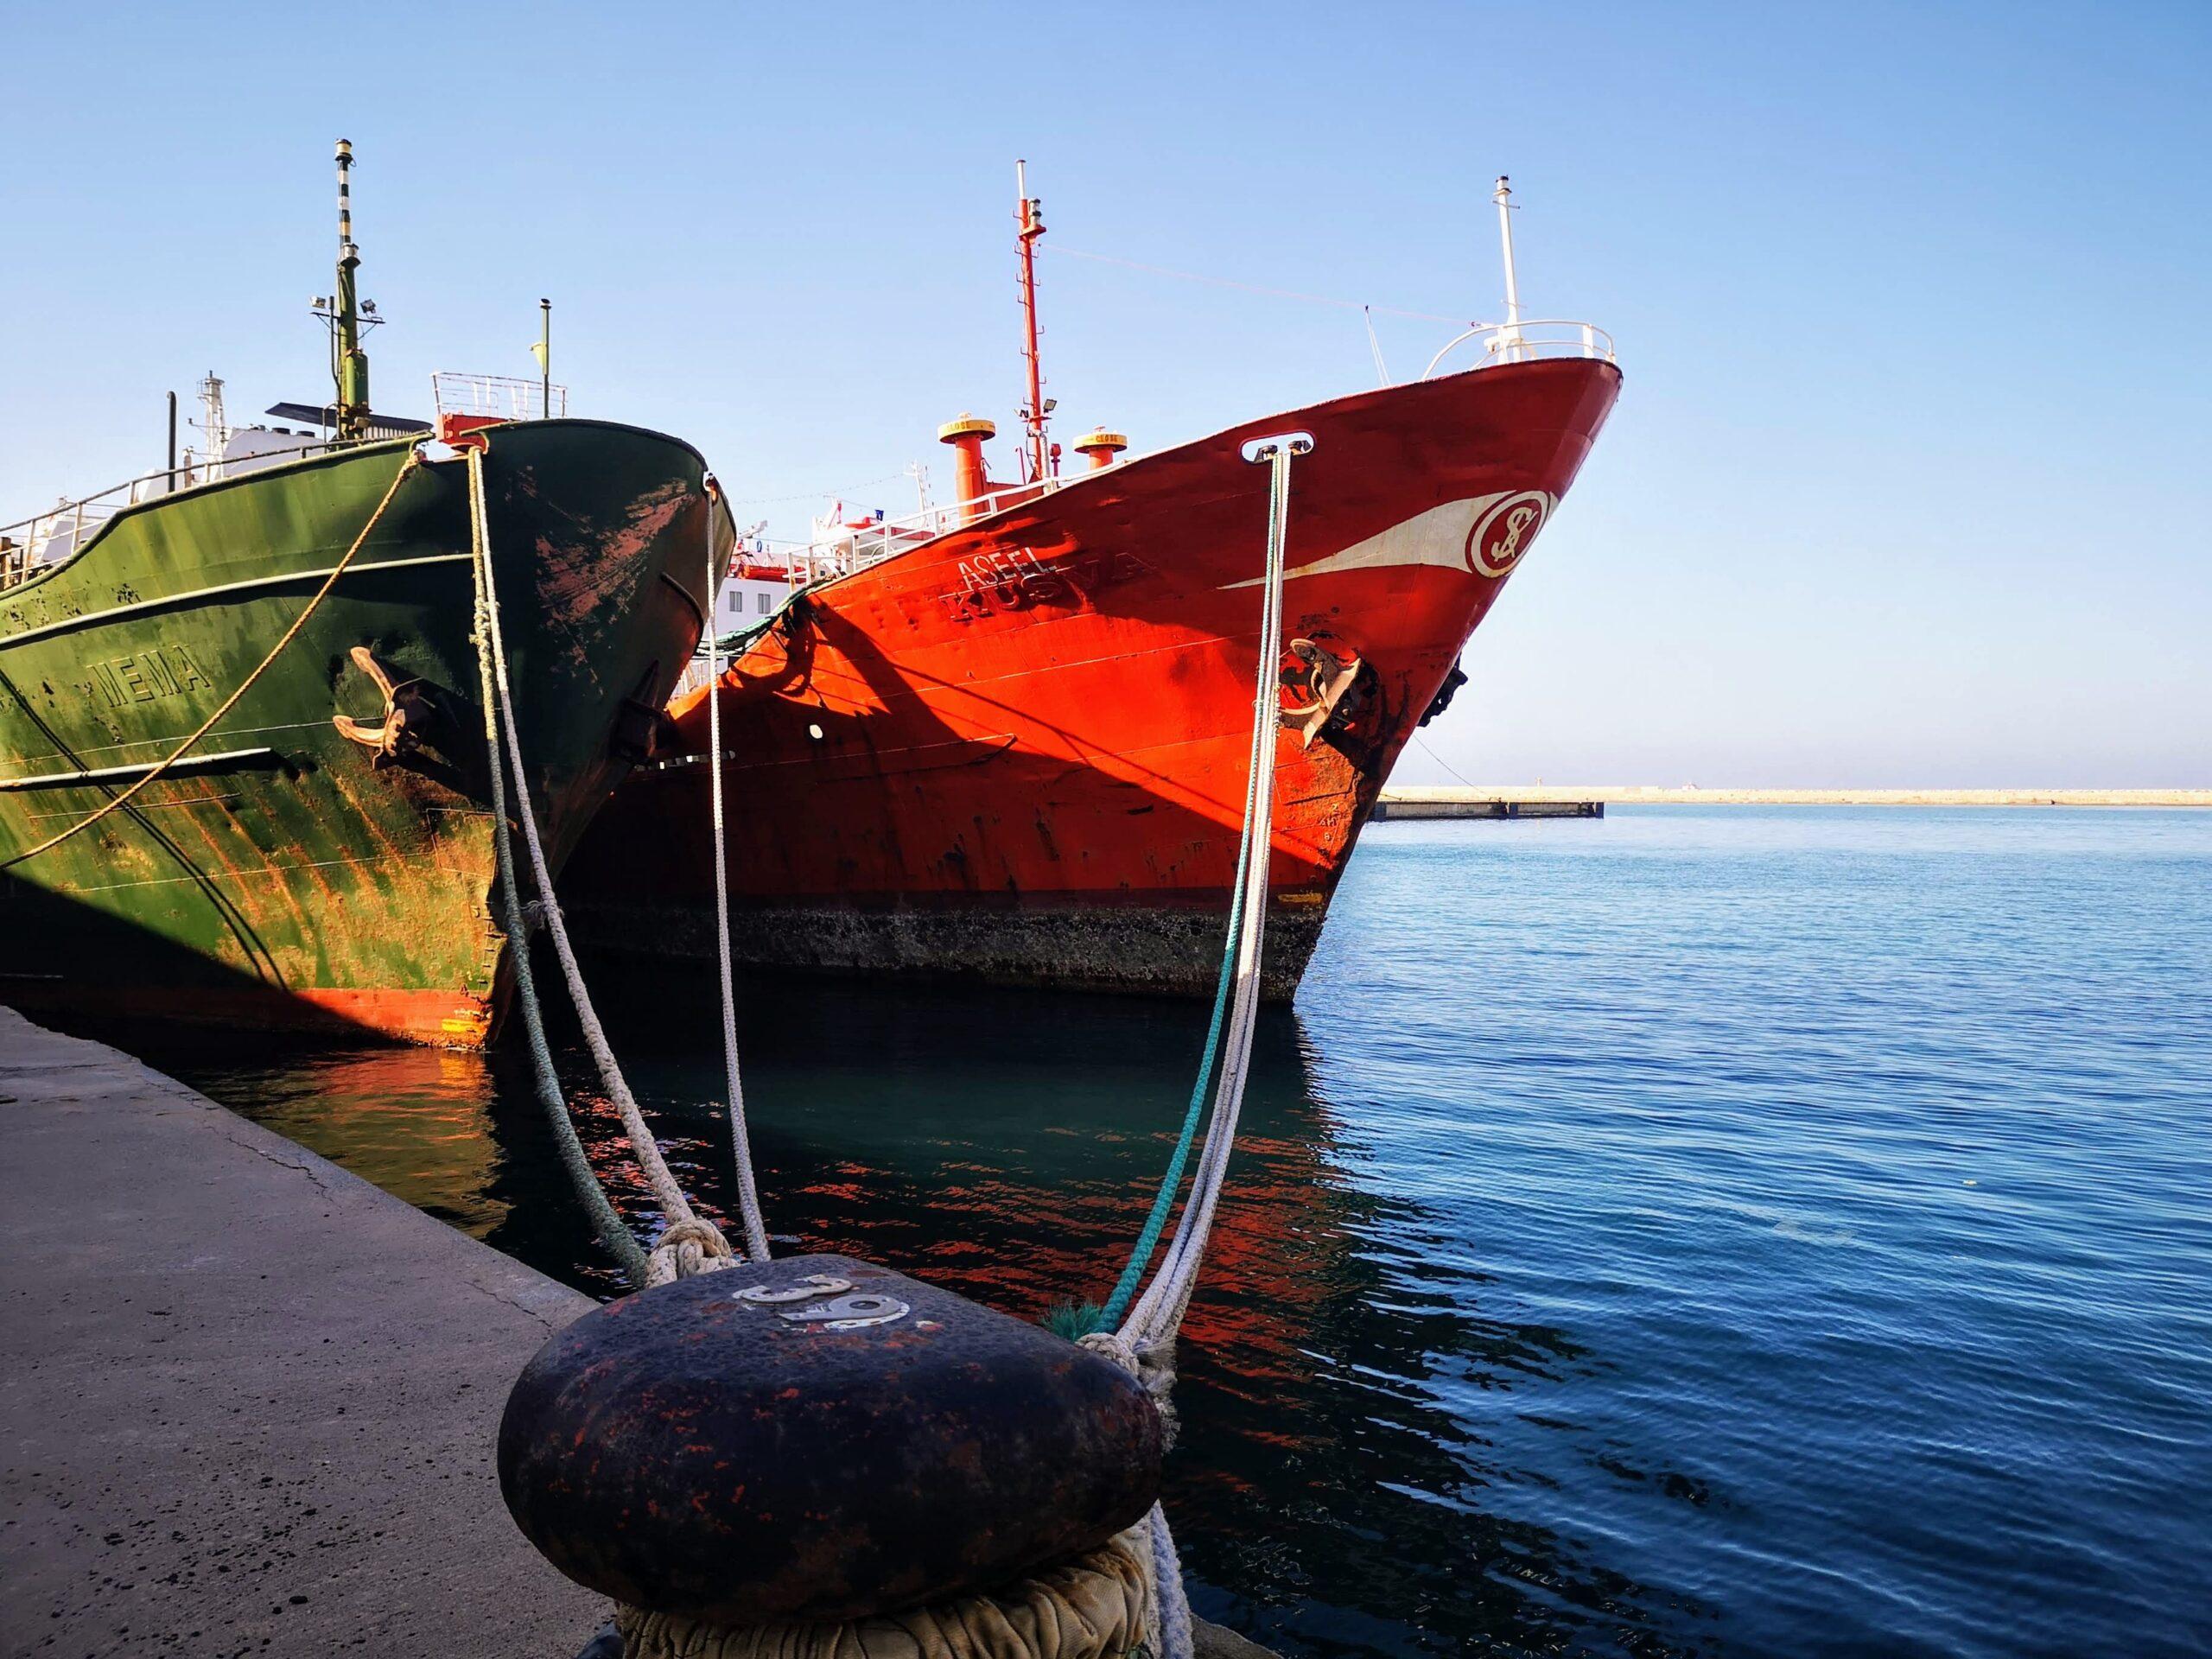 La Autoridad Portuaria de Almería adjudica por 12.700 euros la subasta de los buques 'Aseel' y 'San Trela'